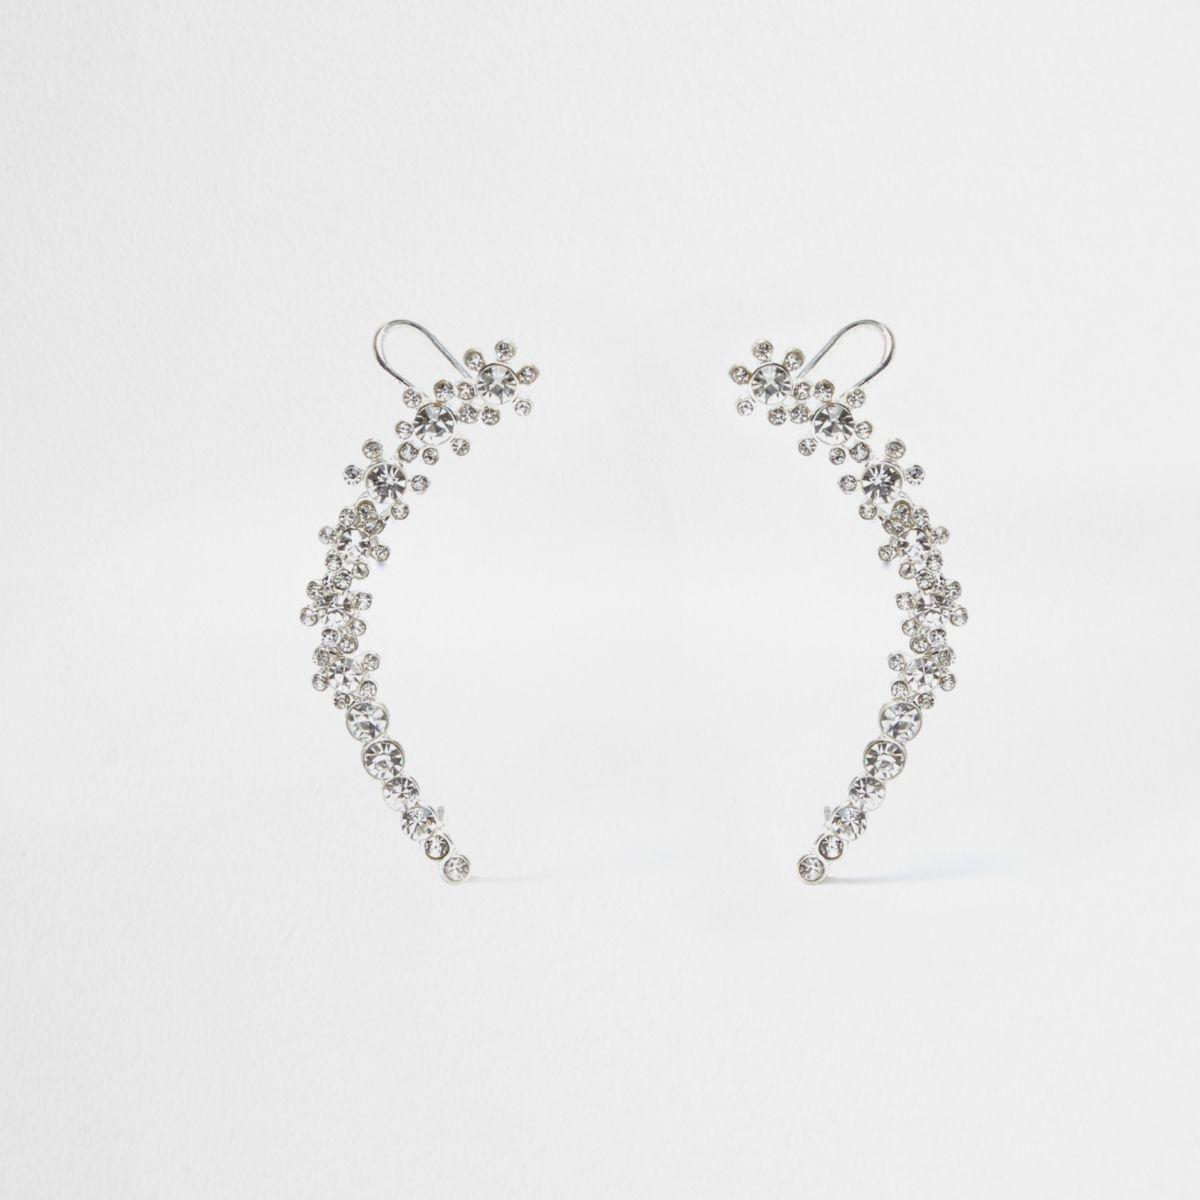 Bijoux d'oreilles argentés ornés motif fleur